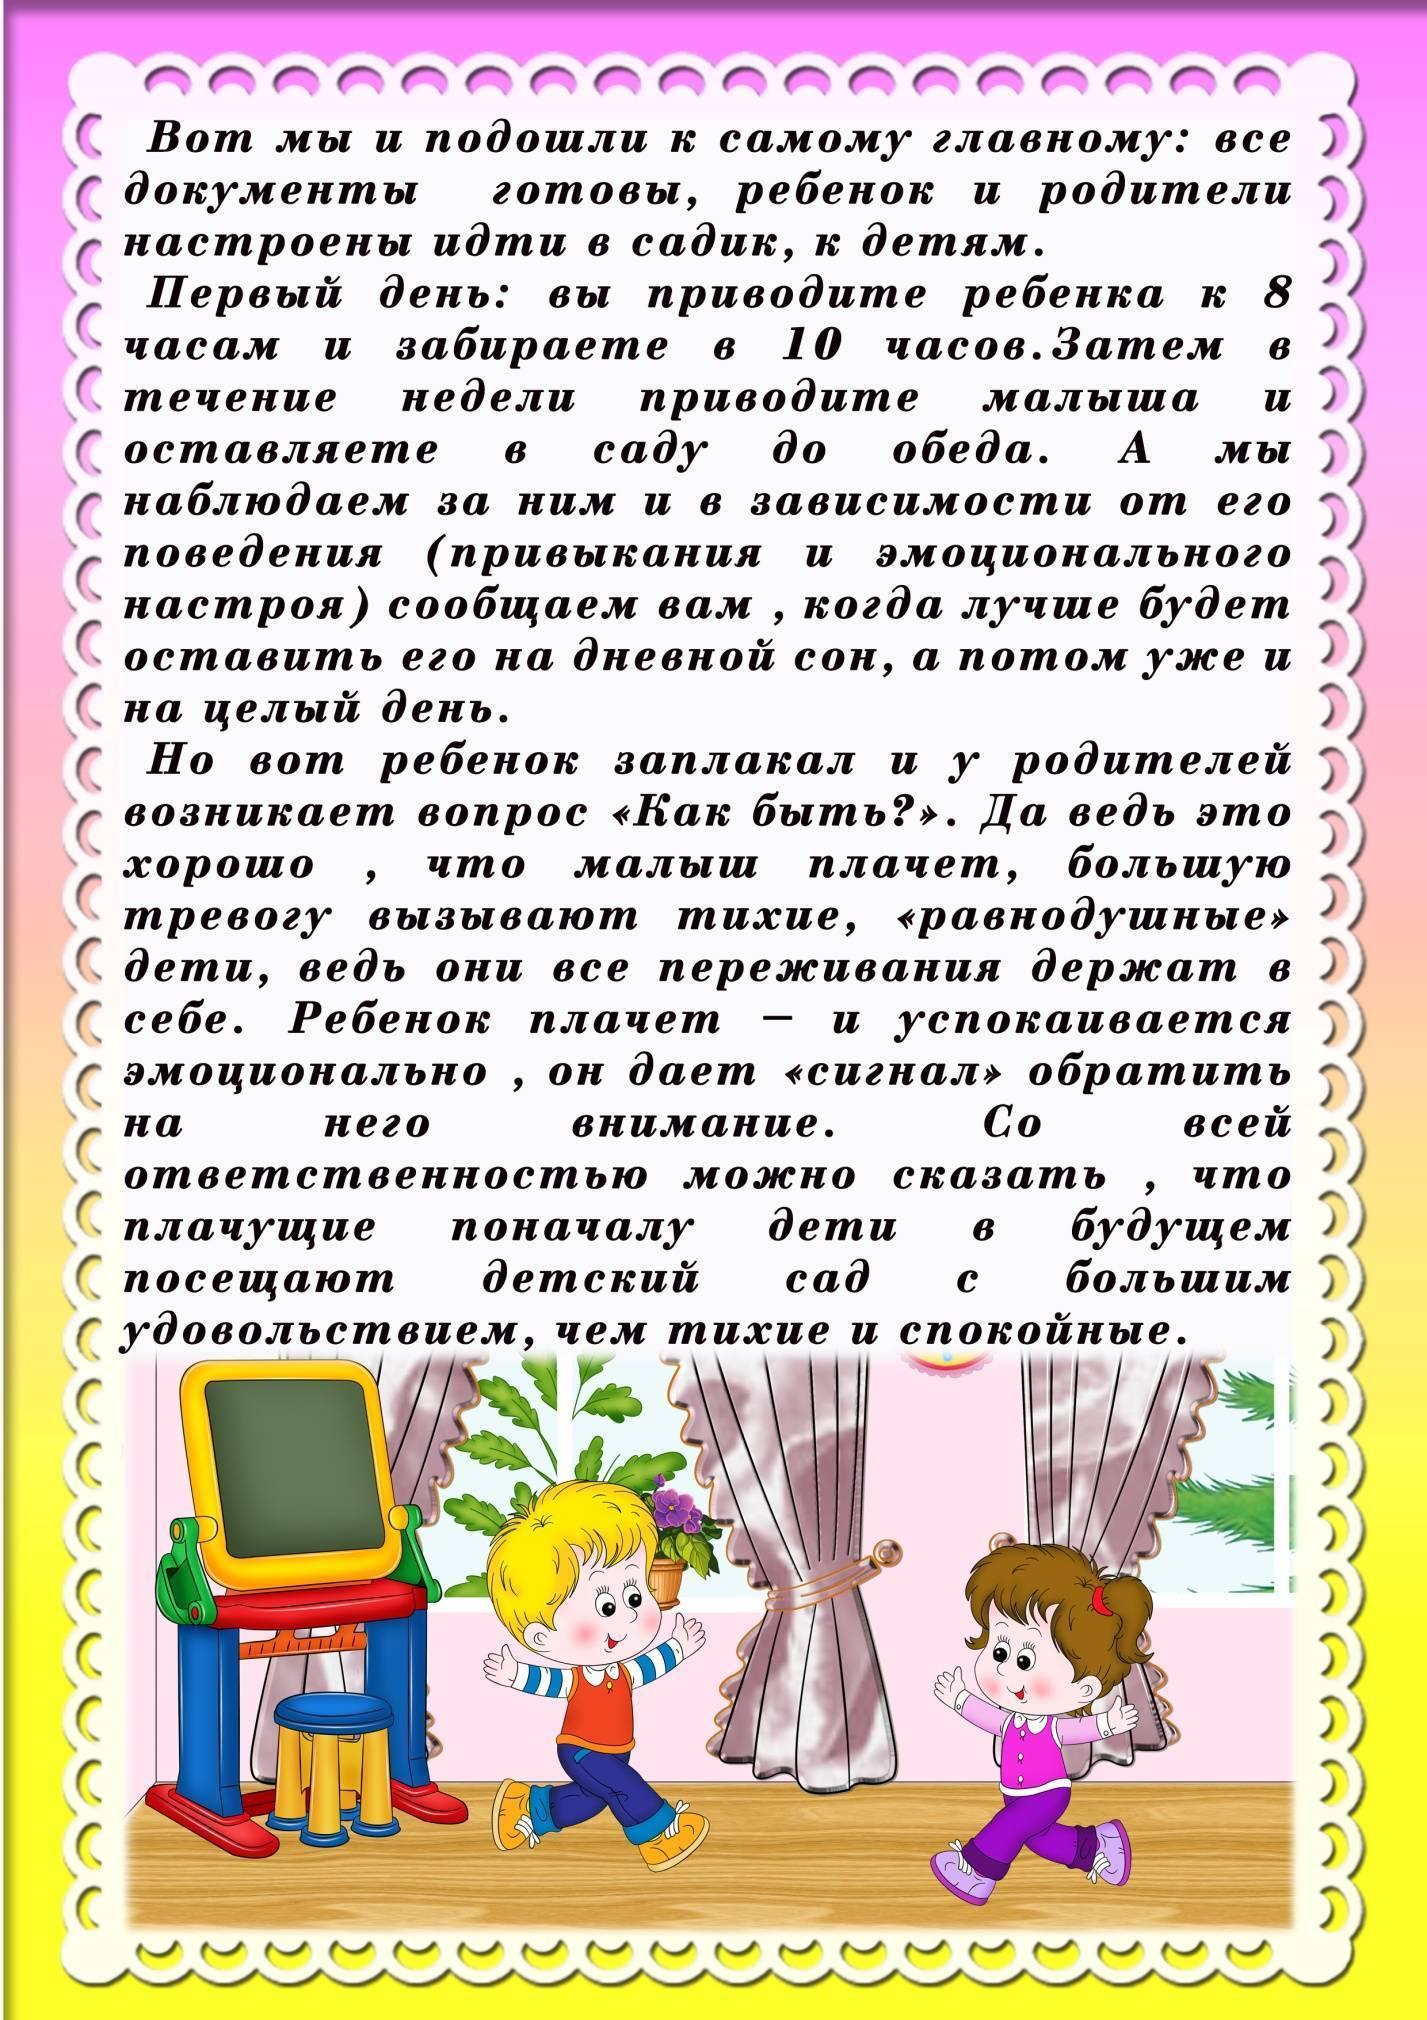 Адаптация детей при поступлении в детский сад: как подготовить ребенка к новой обстановке